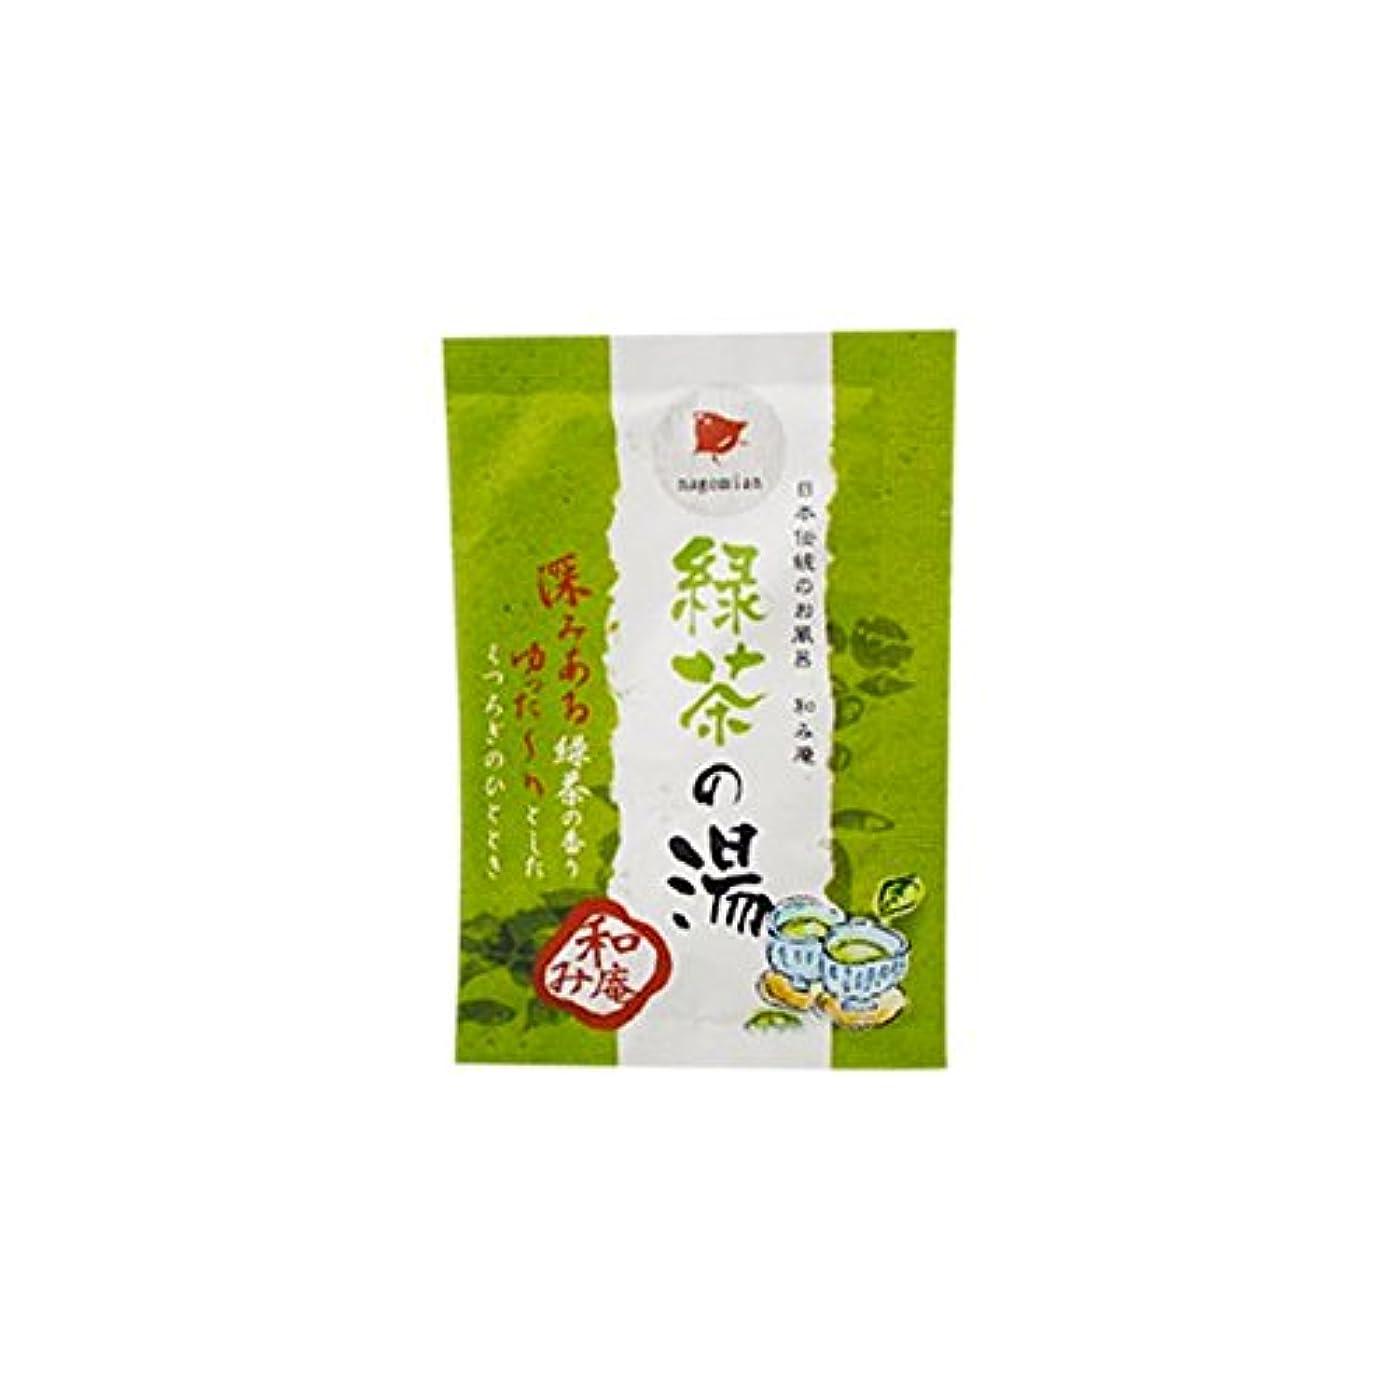 マイク鉛後世和み庵 入浴剤 「緑茶の湯」30個